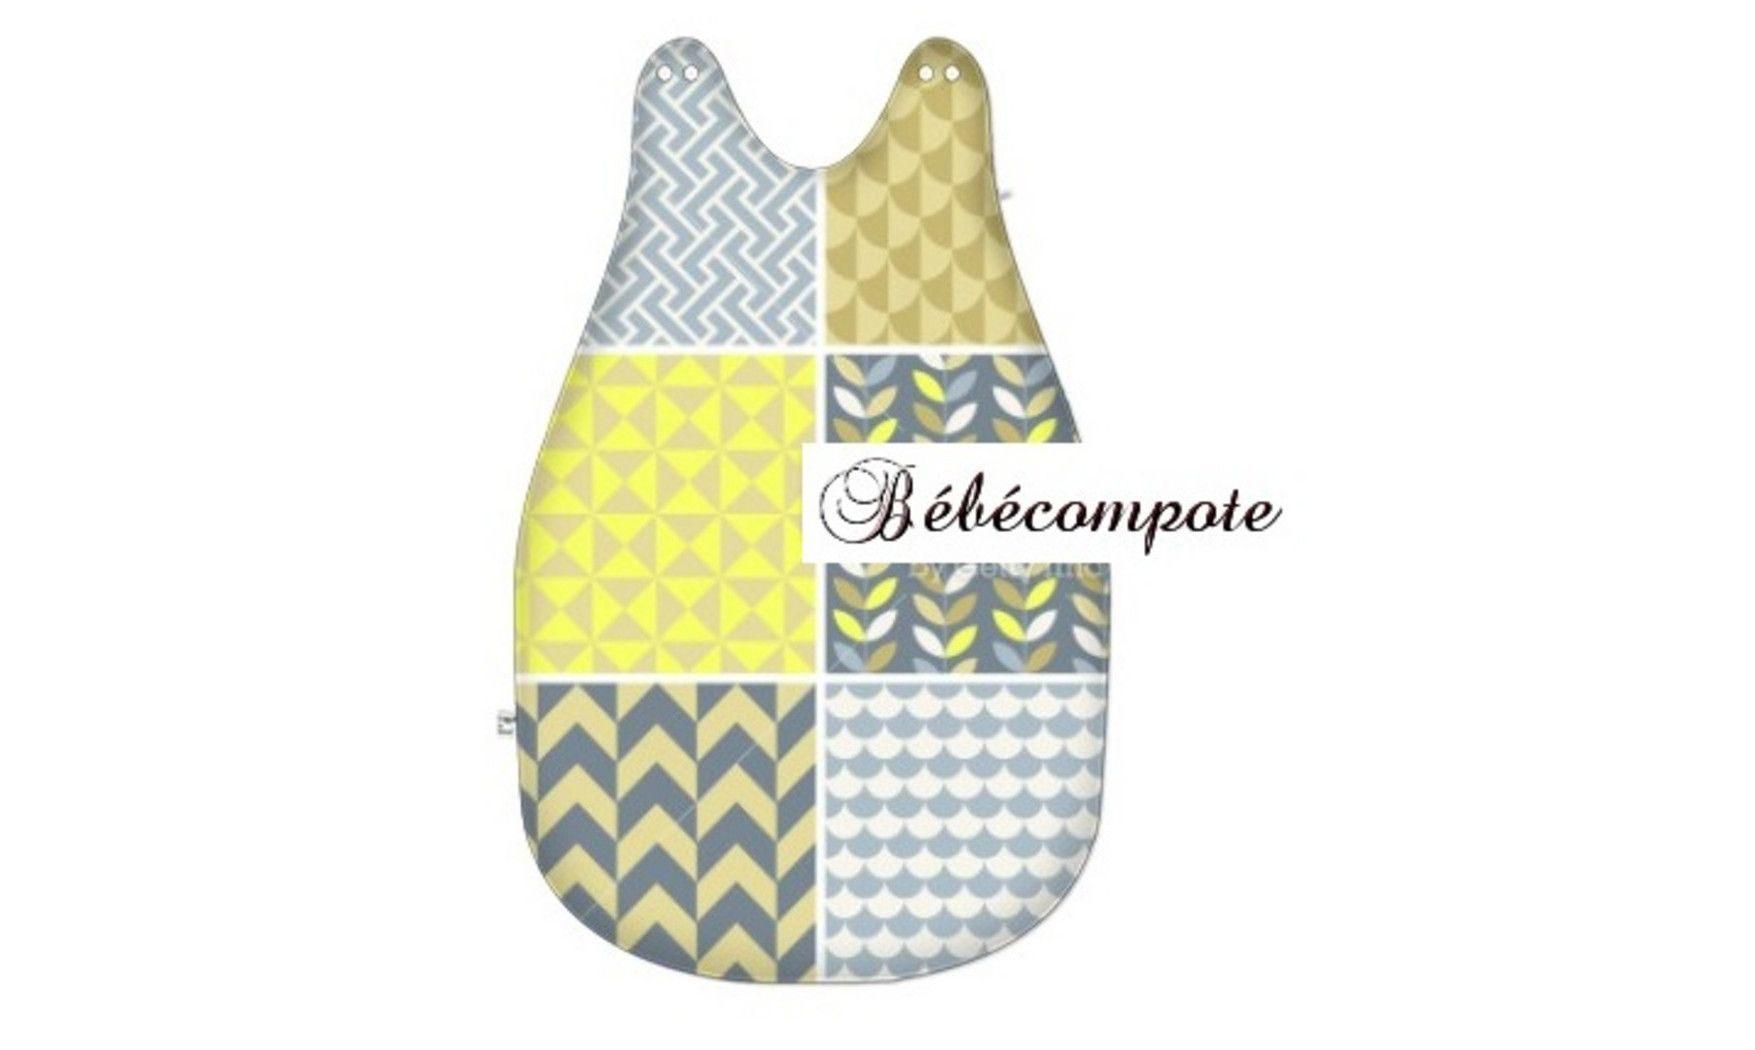 Linge De Lit Haut De Gamme Beau Gigoteuse Style Tissu Patchwork Cadeau Bebe Pote